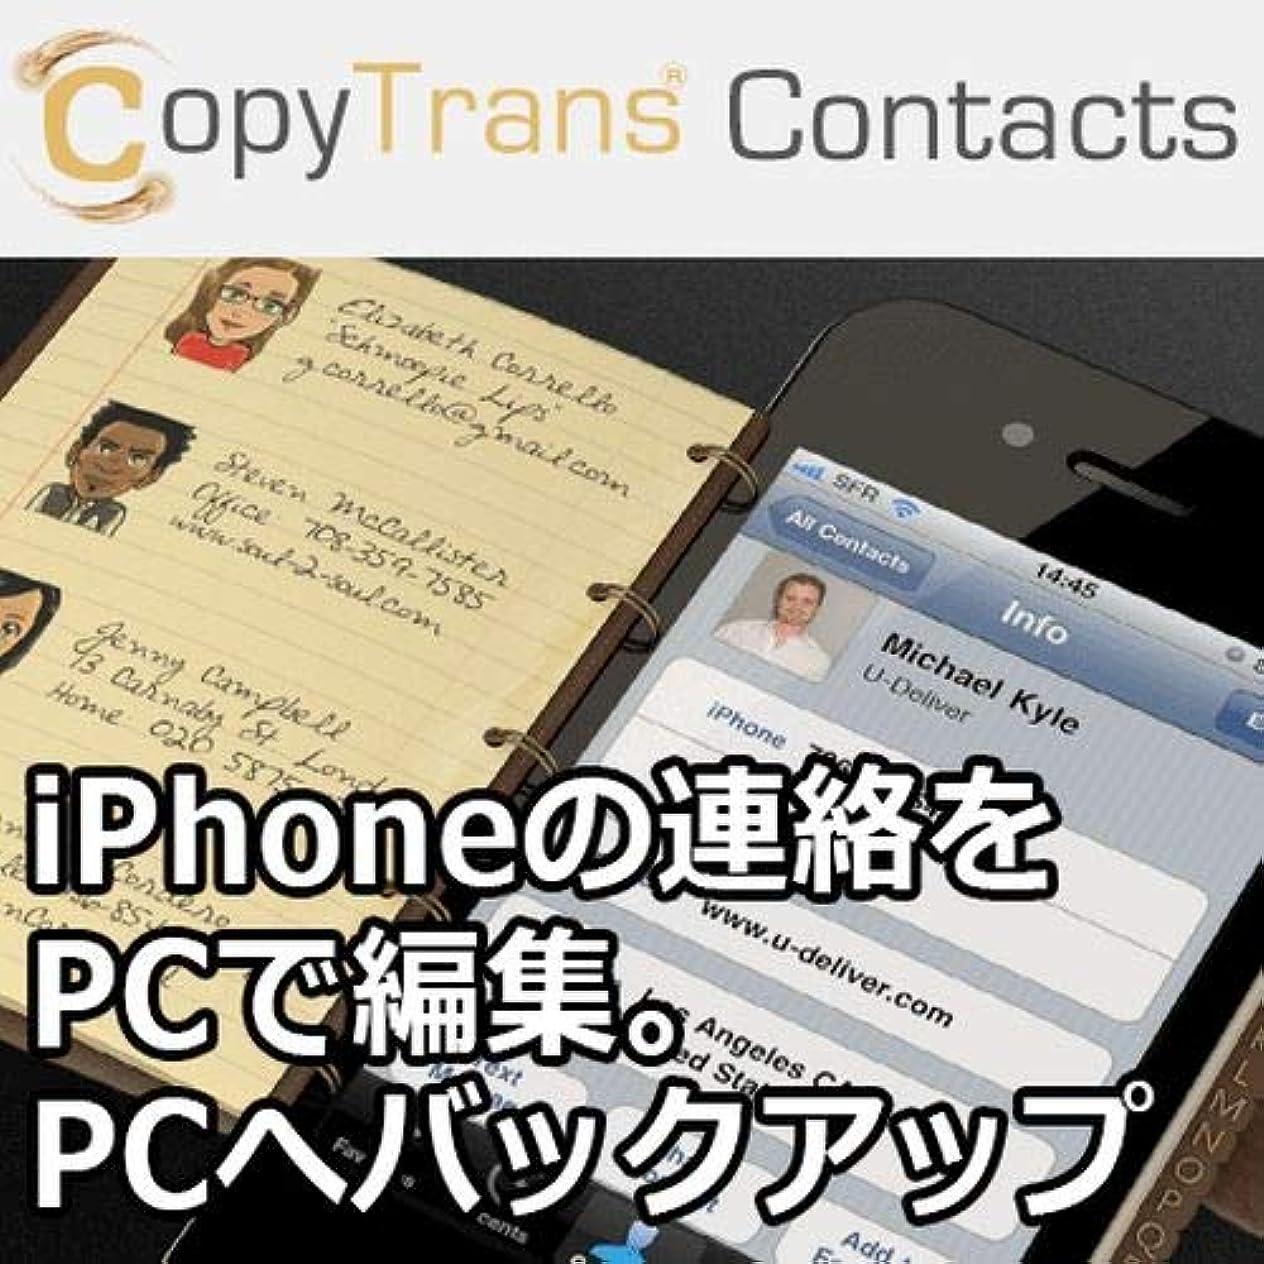 乱れ憲法暴力的なCopyTrans Contacts|ダウンロード版